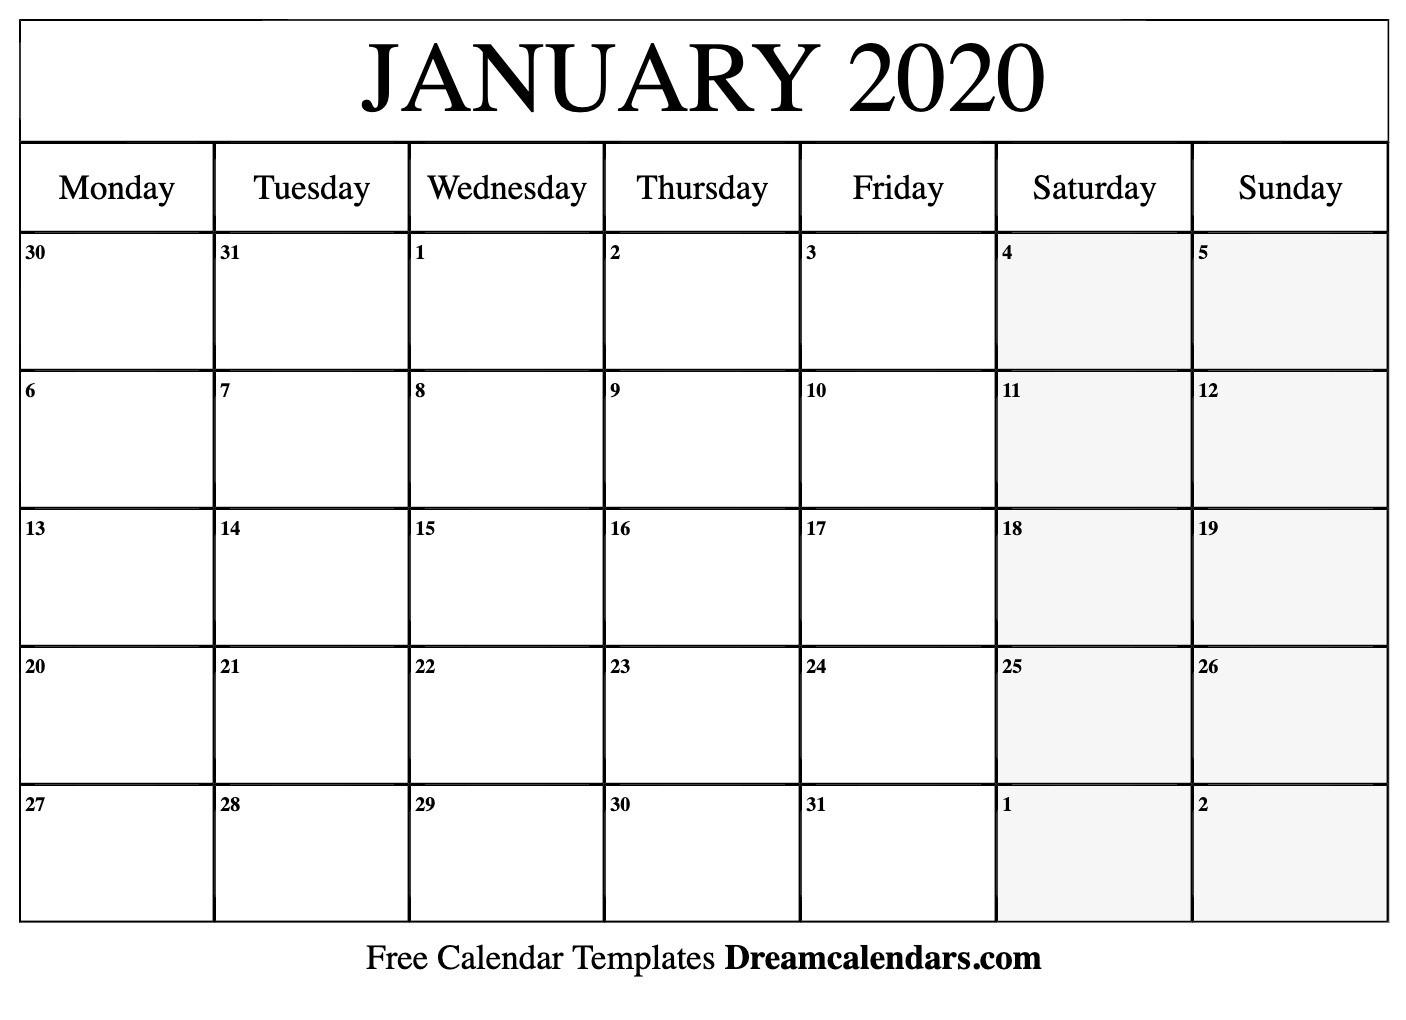 Printable January 2020 Calendar-January 2020 Daily Calendar